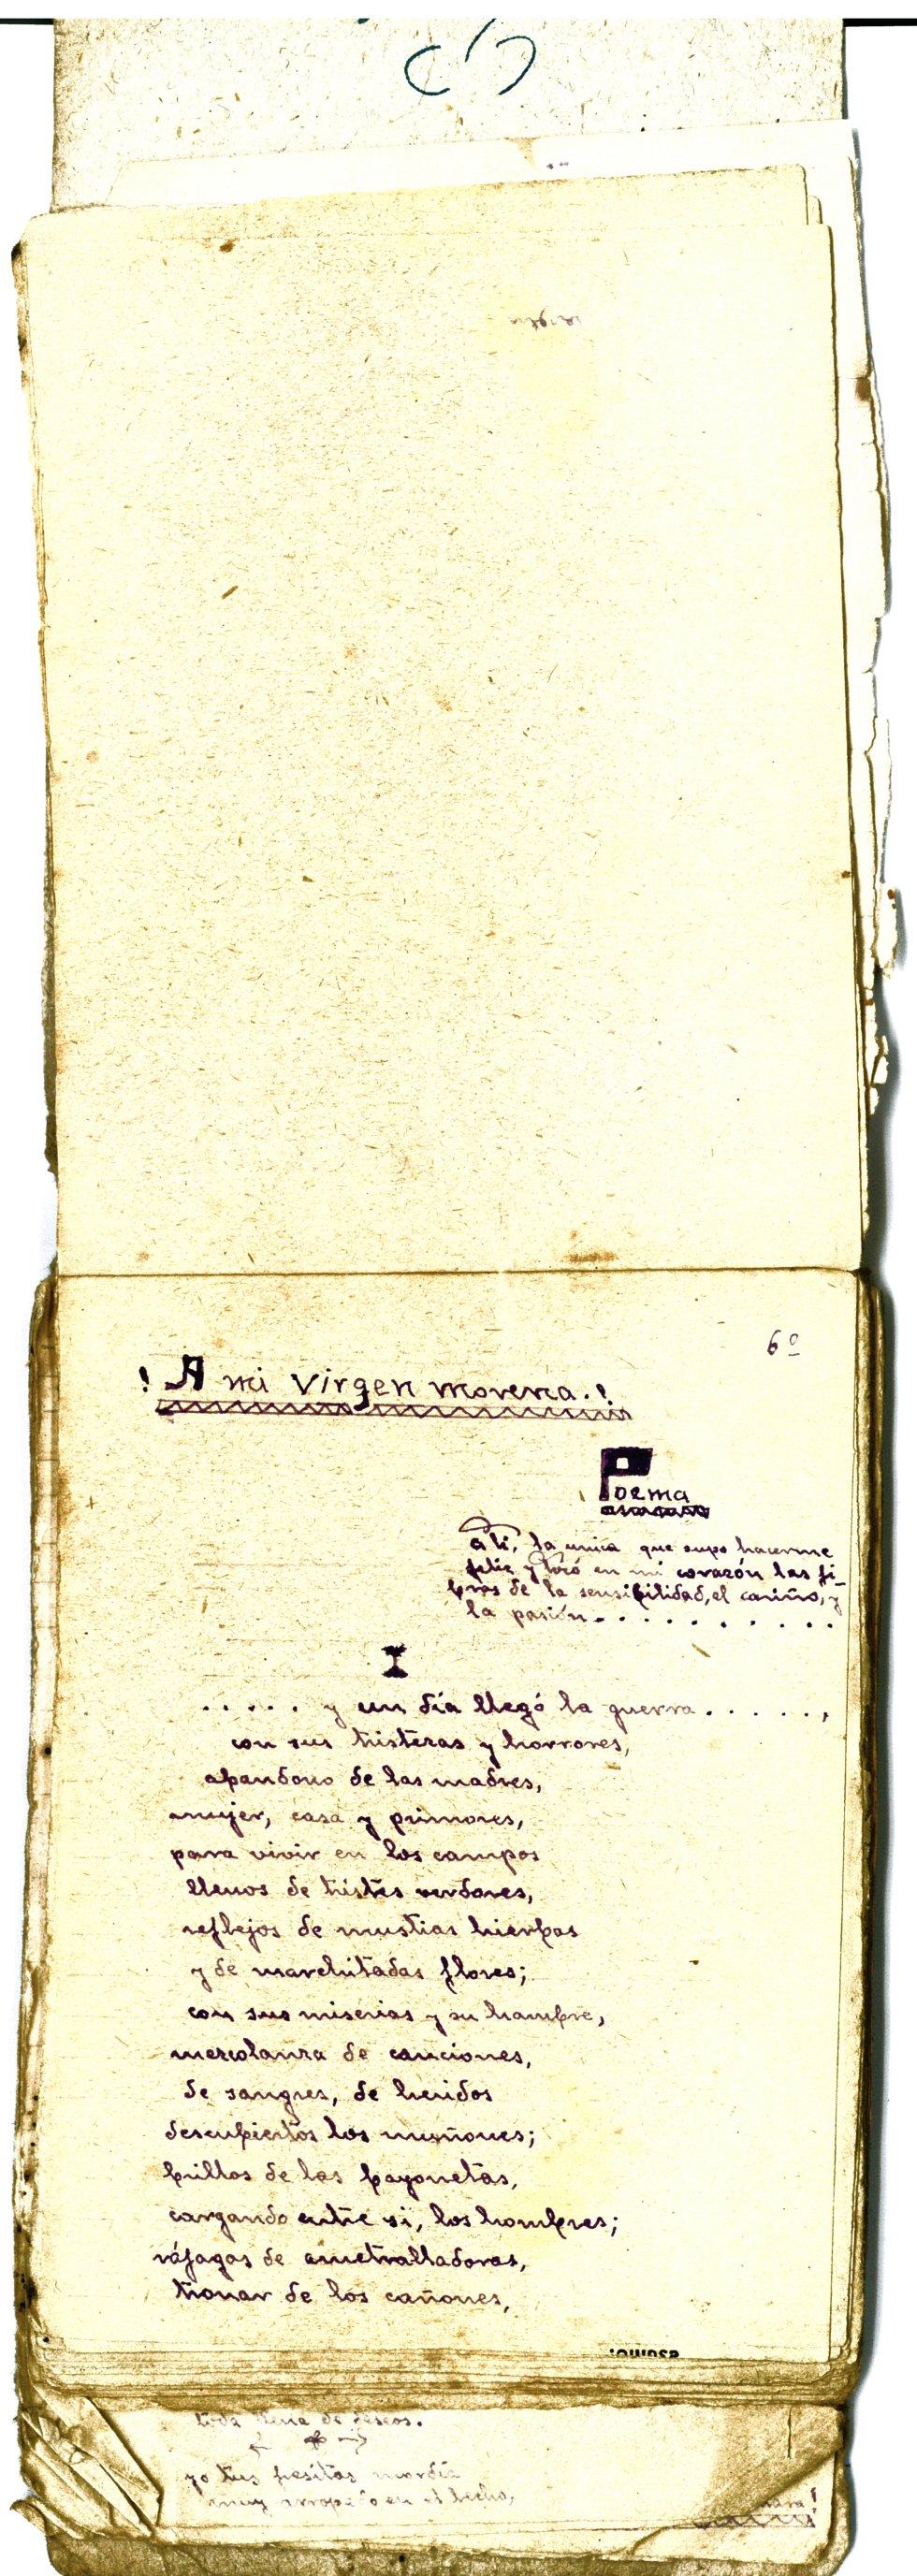 El poemario de Antonio para María Roa